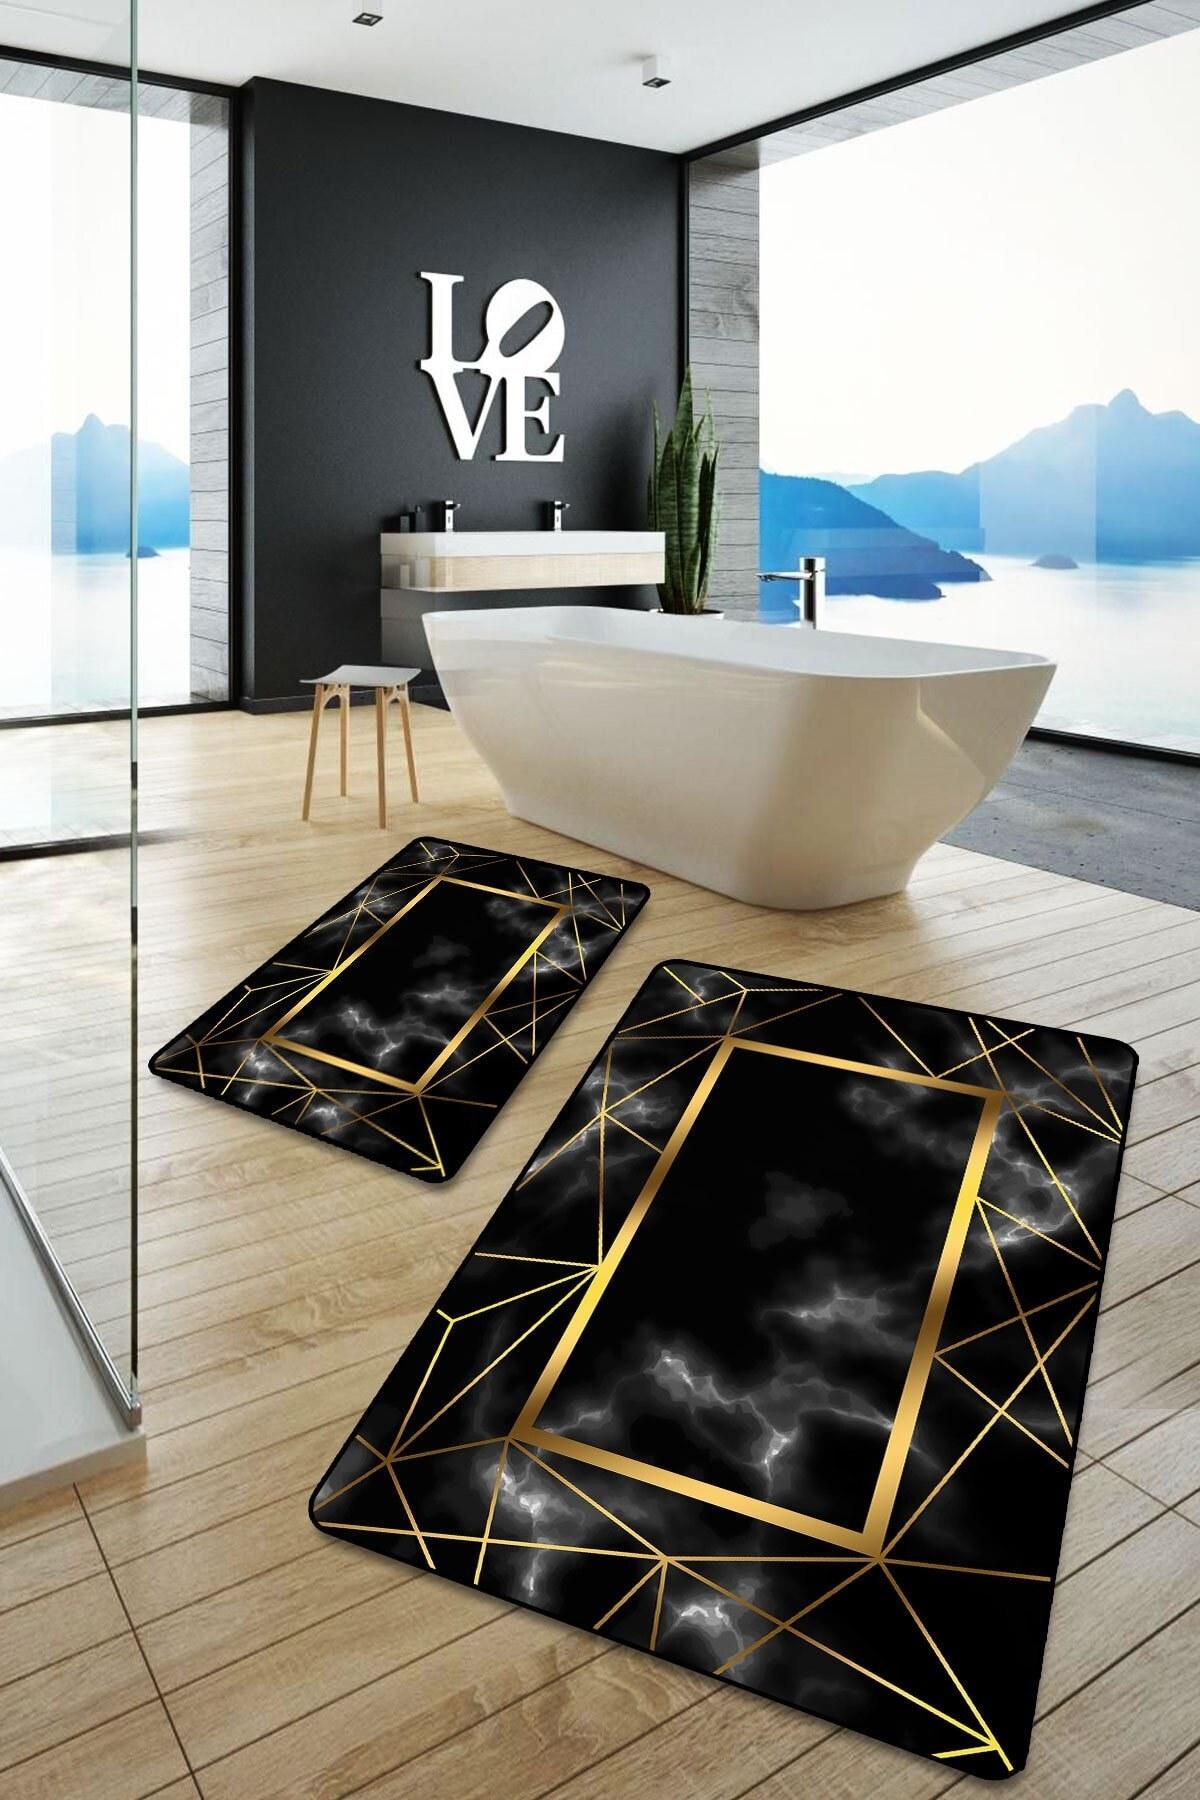 تصویر زیرپایی فرش حمام قابل شستشو مدرن راهراه طلایی مشکی برند evimisa کد 1617165311